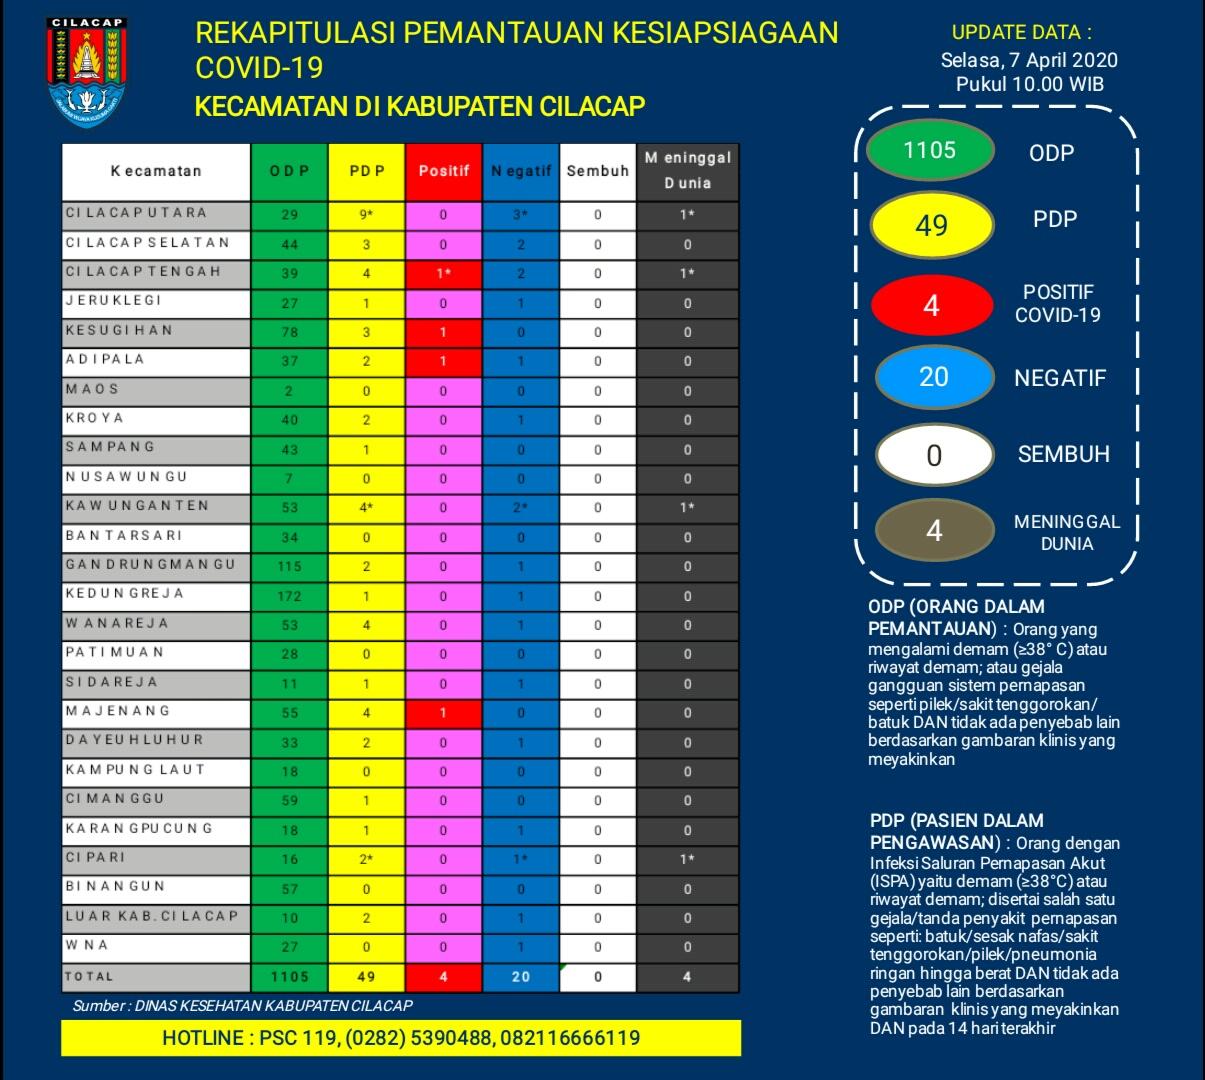 Rekapitulasi Pemantauan Kesiapsiagaan COVID-19 Kecamatan di Kabupaten Cilacap, 7 April 2020